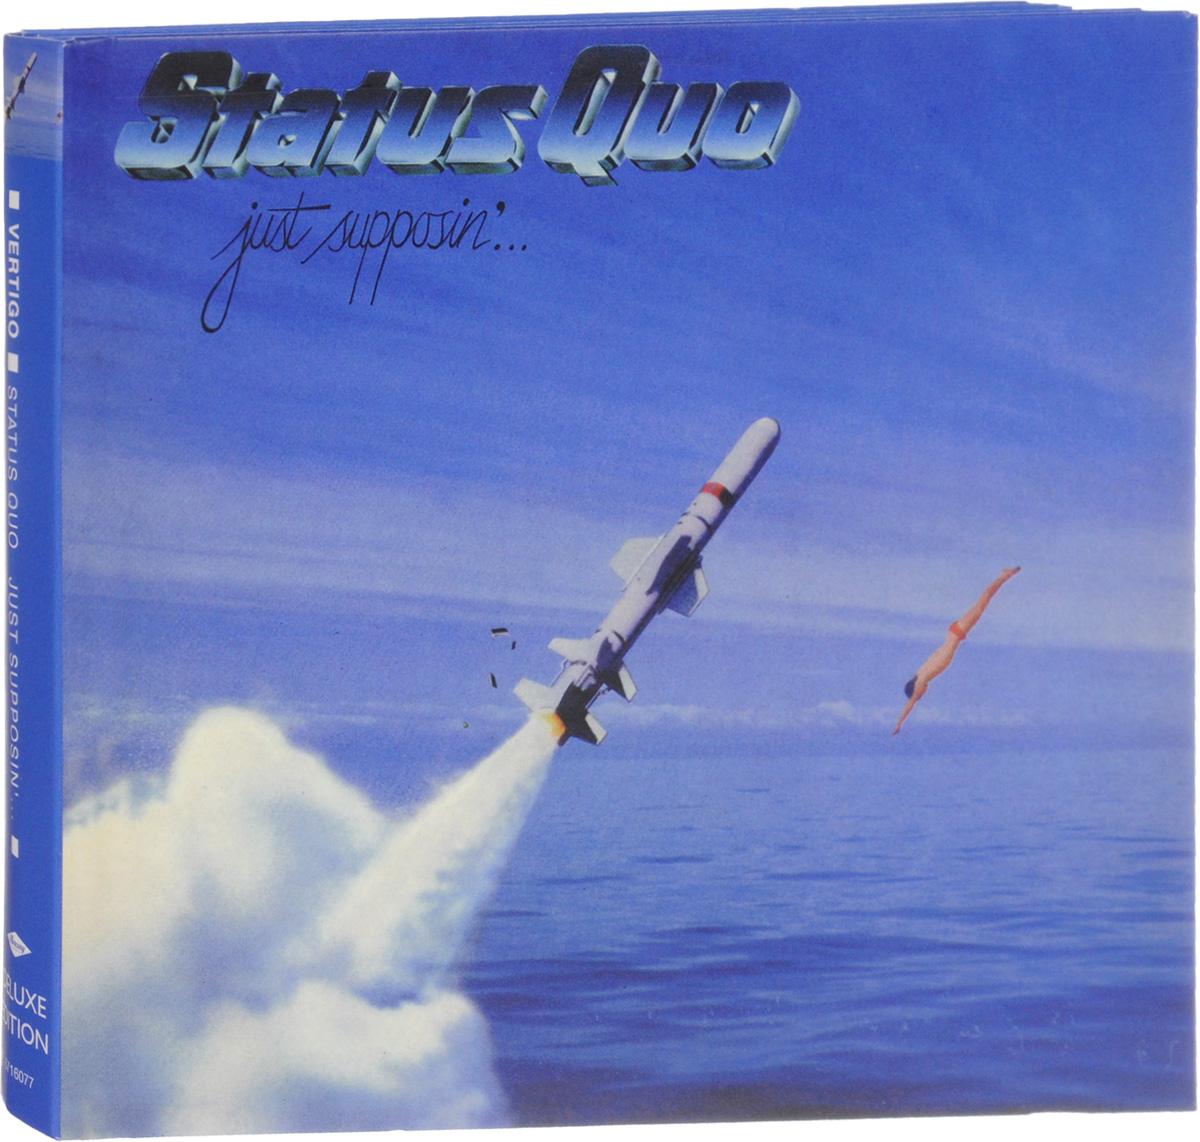 Status Quo Status Quo. Just Supposin'... Deluxe Edition (2 CD) status quo status quo hello deluxe edition 2 cd